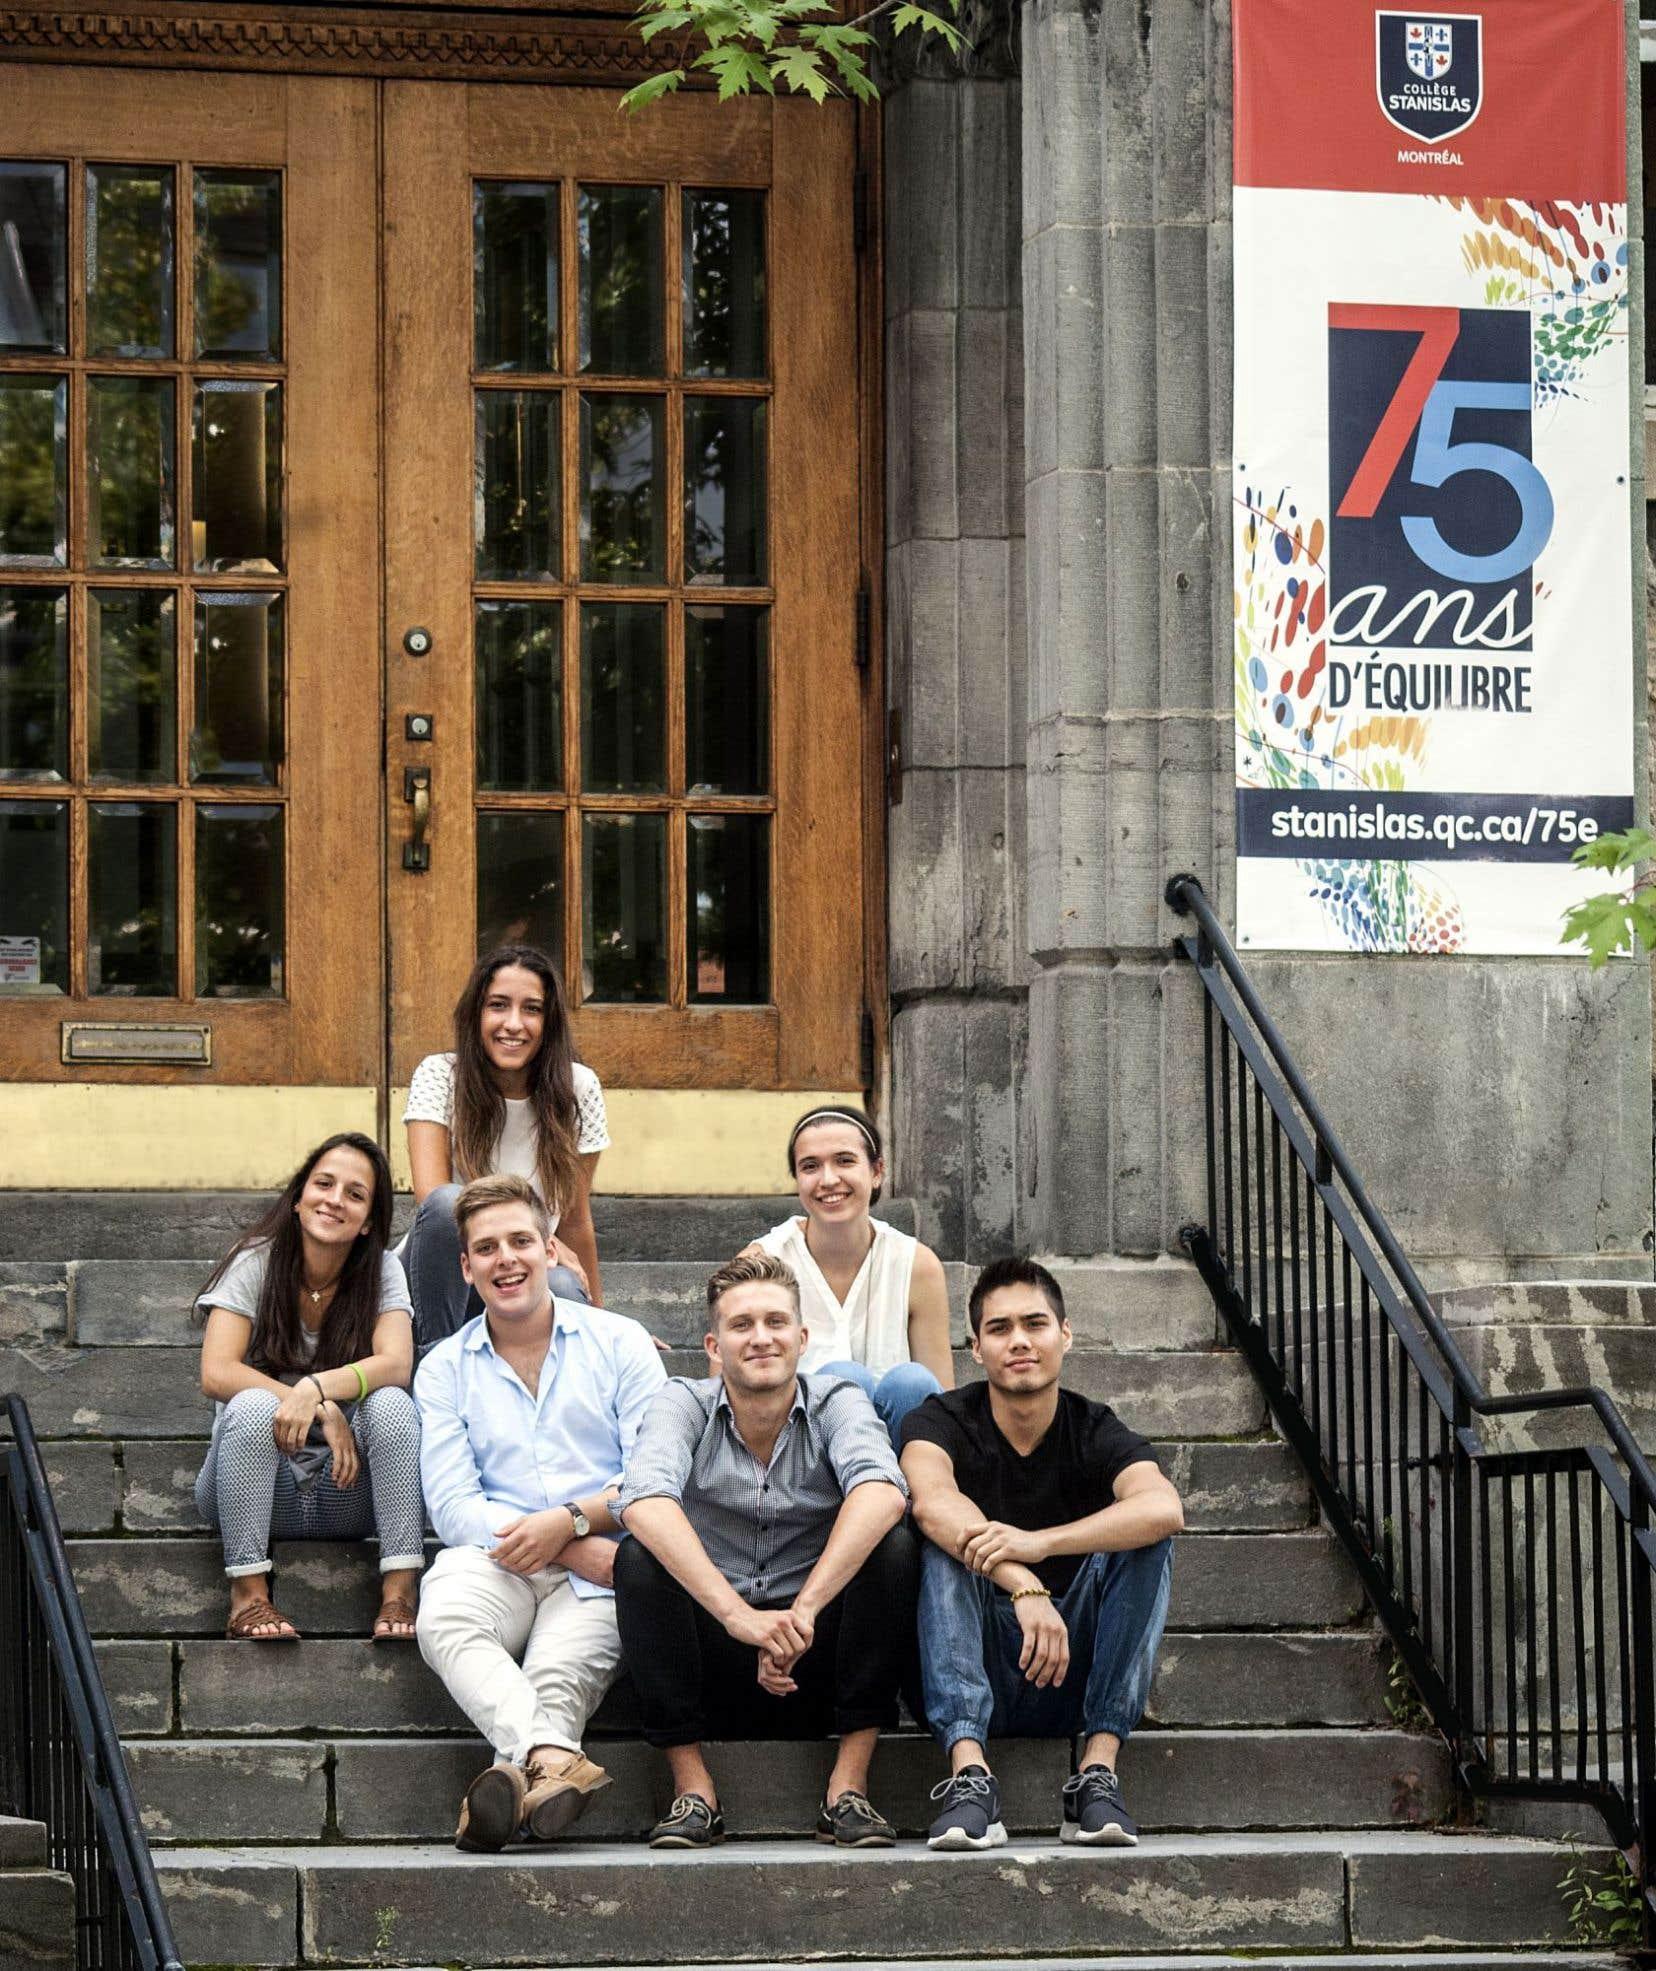 La particularité du collège Stanislas est d'offrir un enseignement basé sur le cursus français.